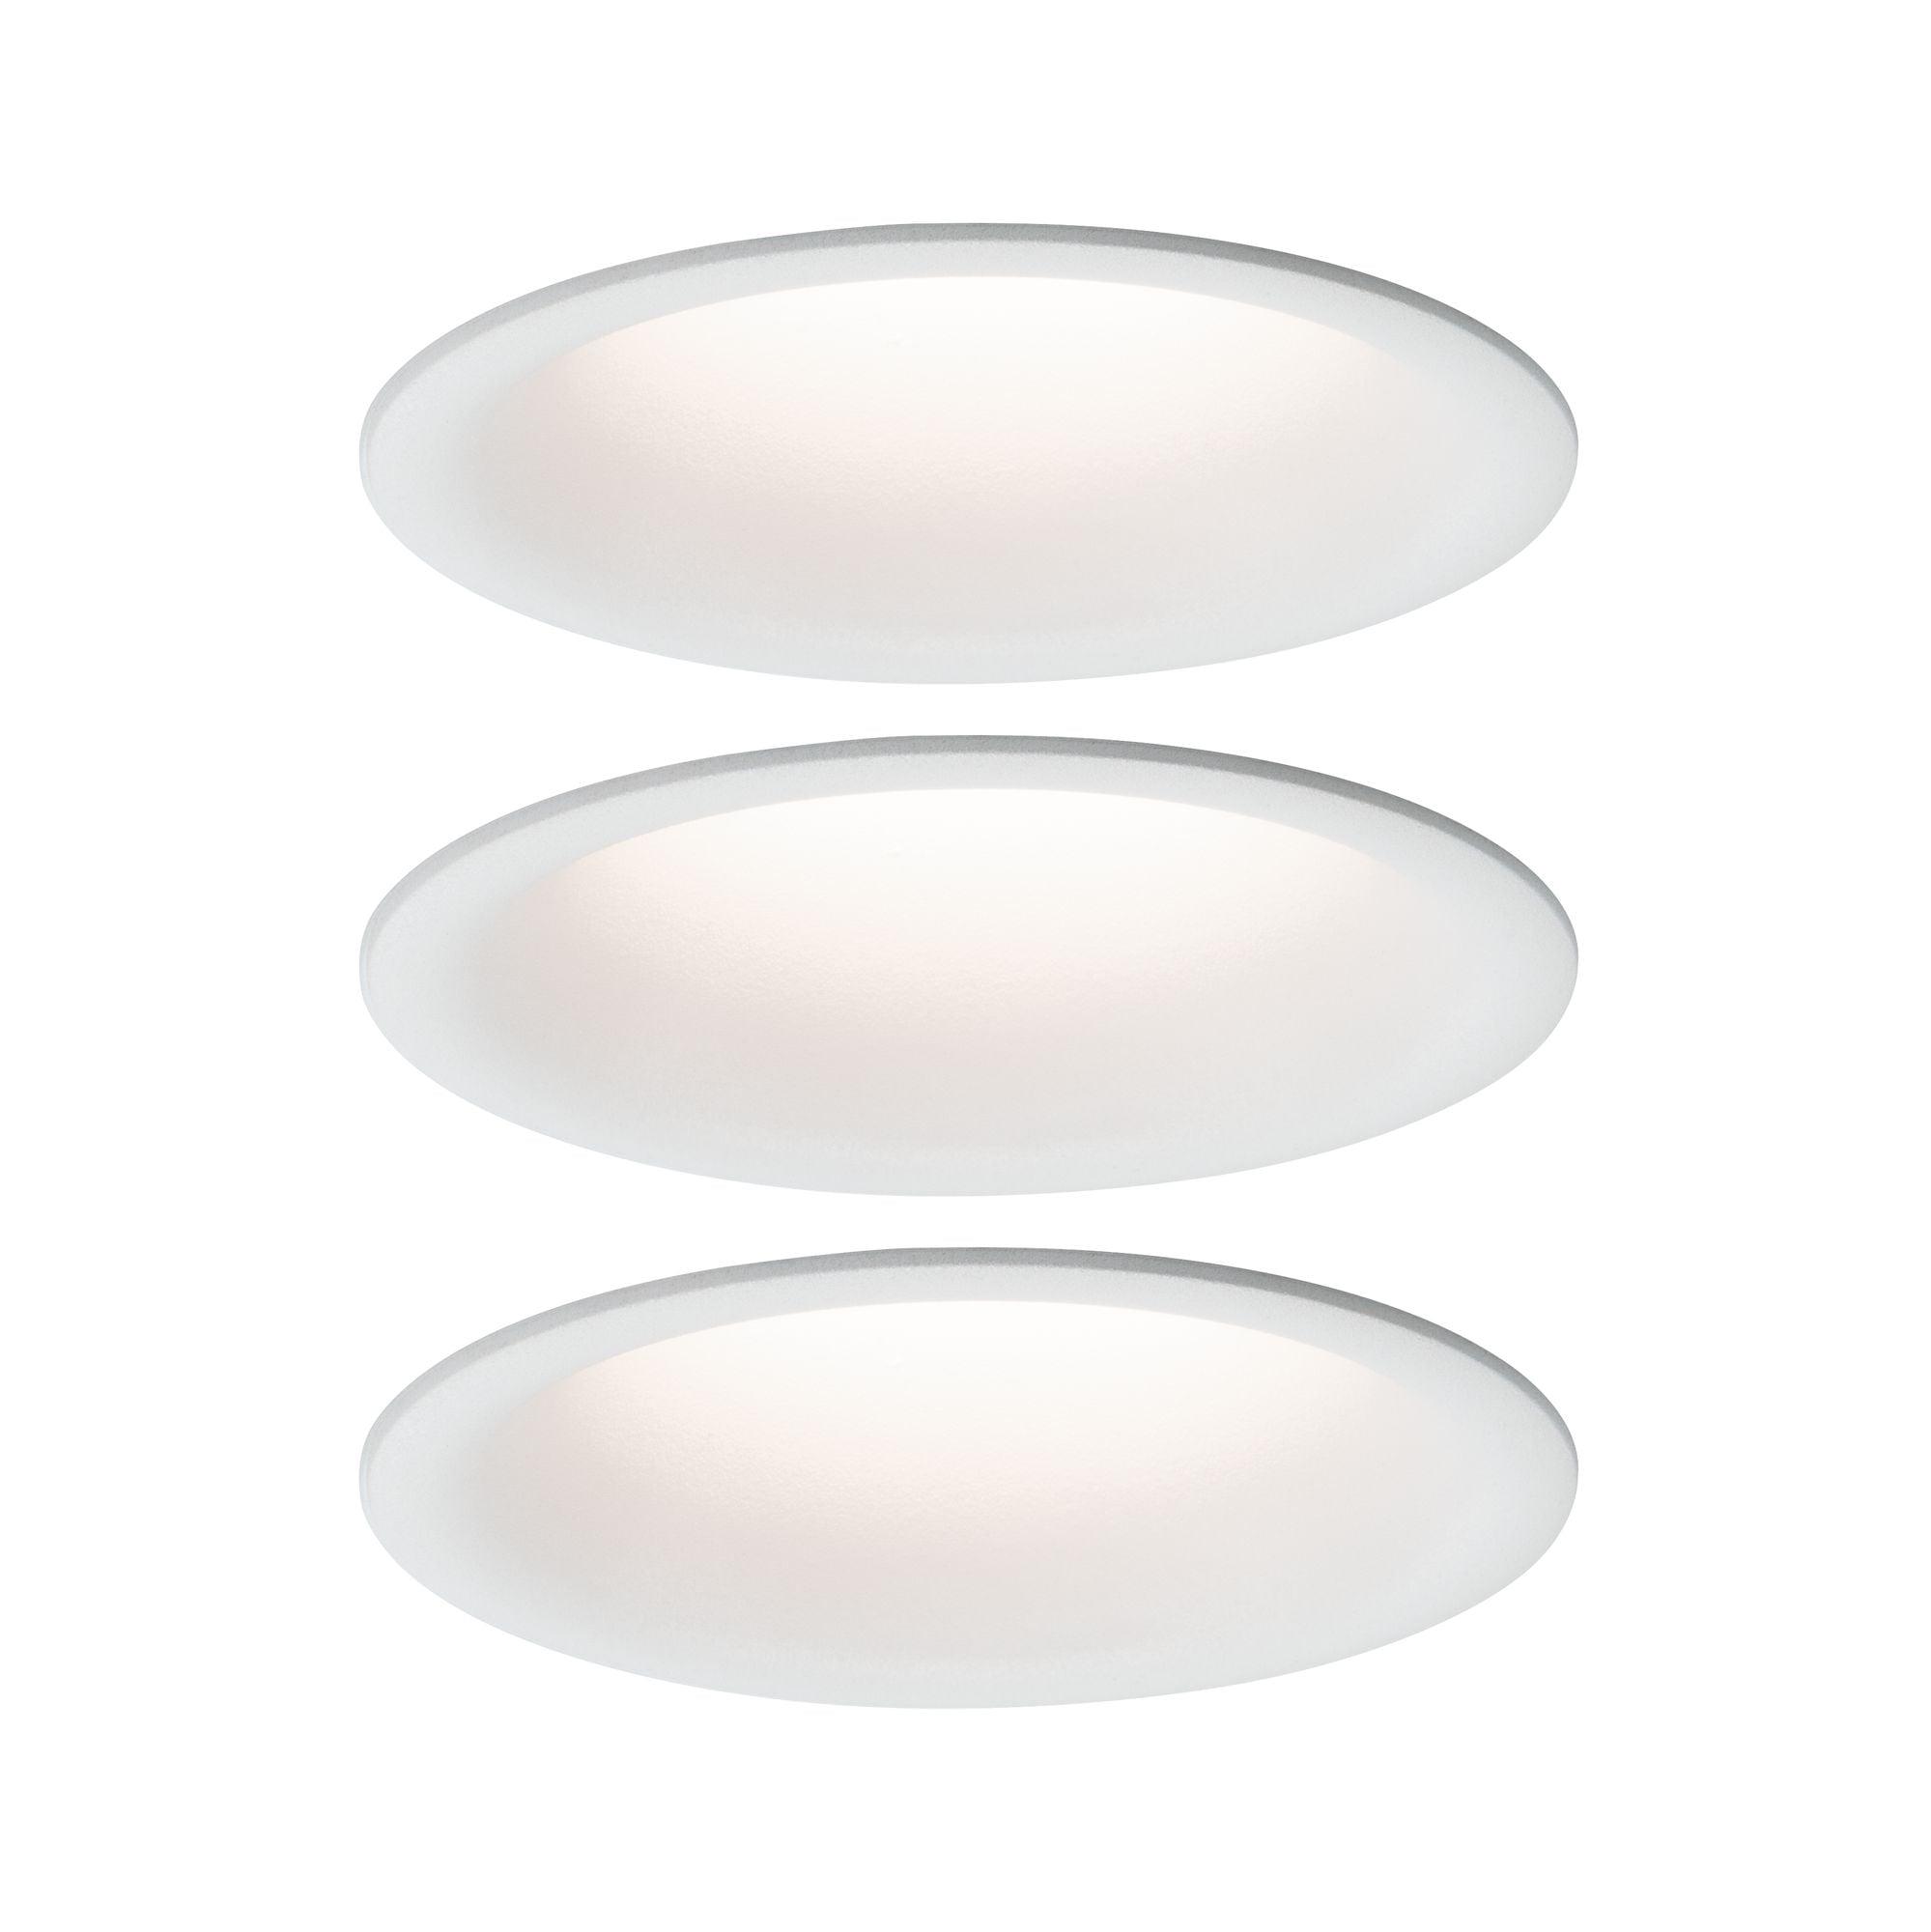 Paulmann,LED Einbaustrahler Cymbal 3x6,8W Weiß matt blendfrei dimmbar starr